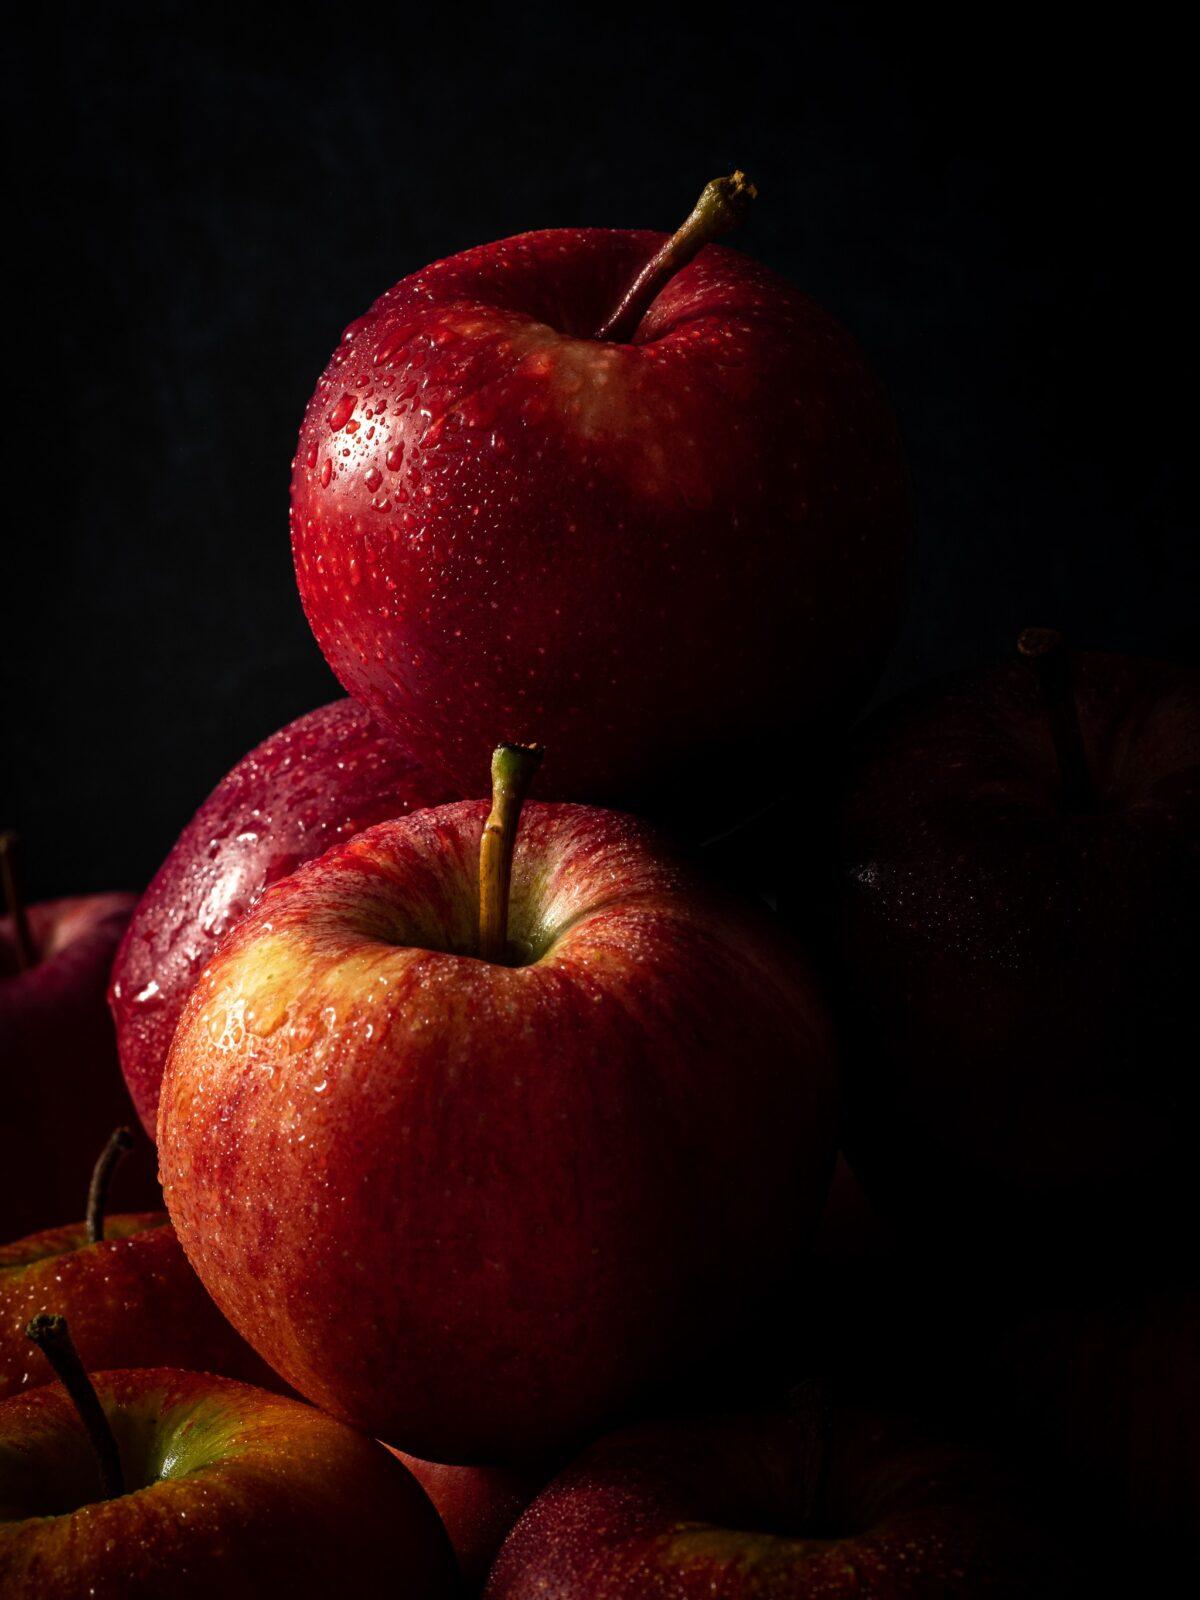 gros plan sur les pommes pink lady avec des gouttes d'eau